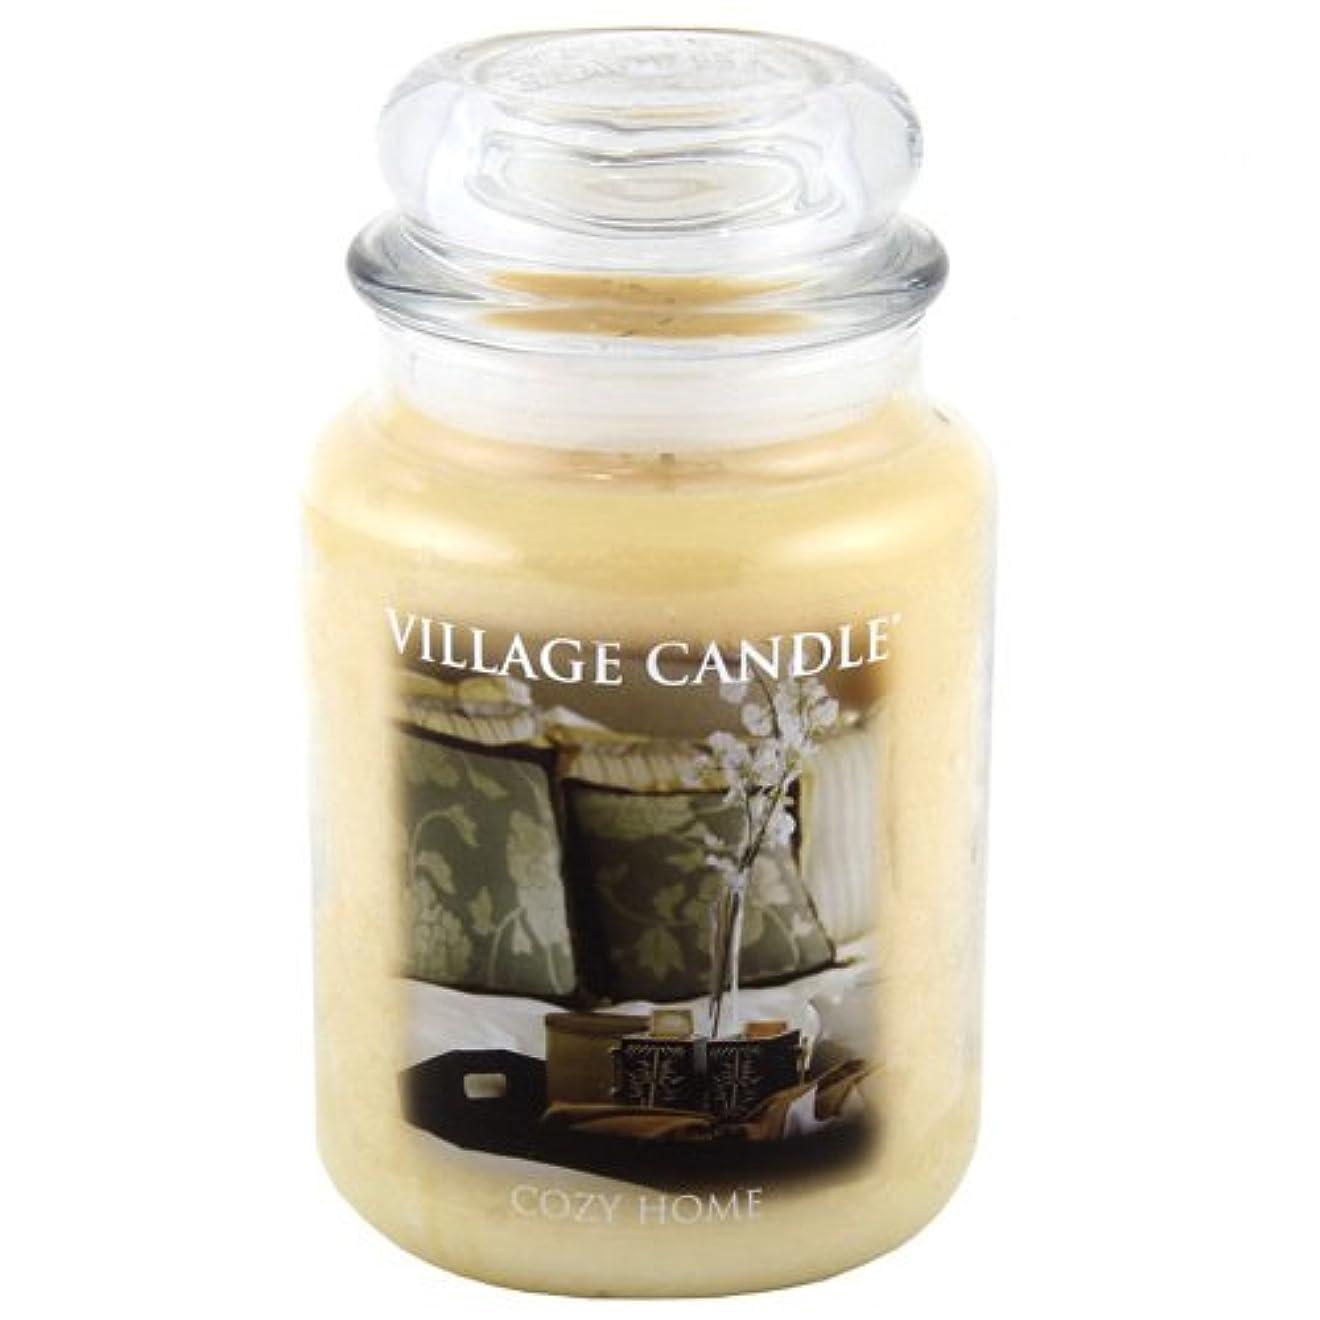 神経衰弱意味のあるパーチナシティVillage Candle Large Fragranced Candle Jar - 17cm x 10cm - 26oz (1219g)- Cozy Home - upto 170 hours burn time...